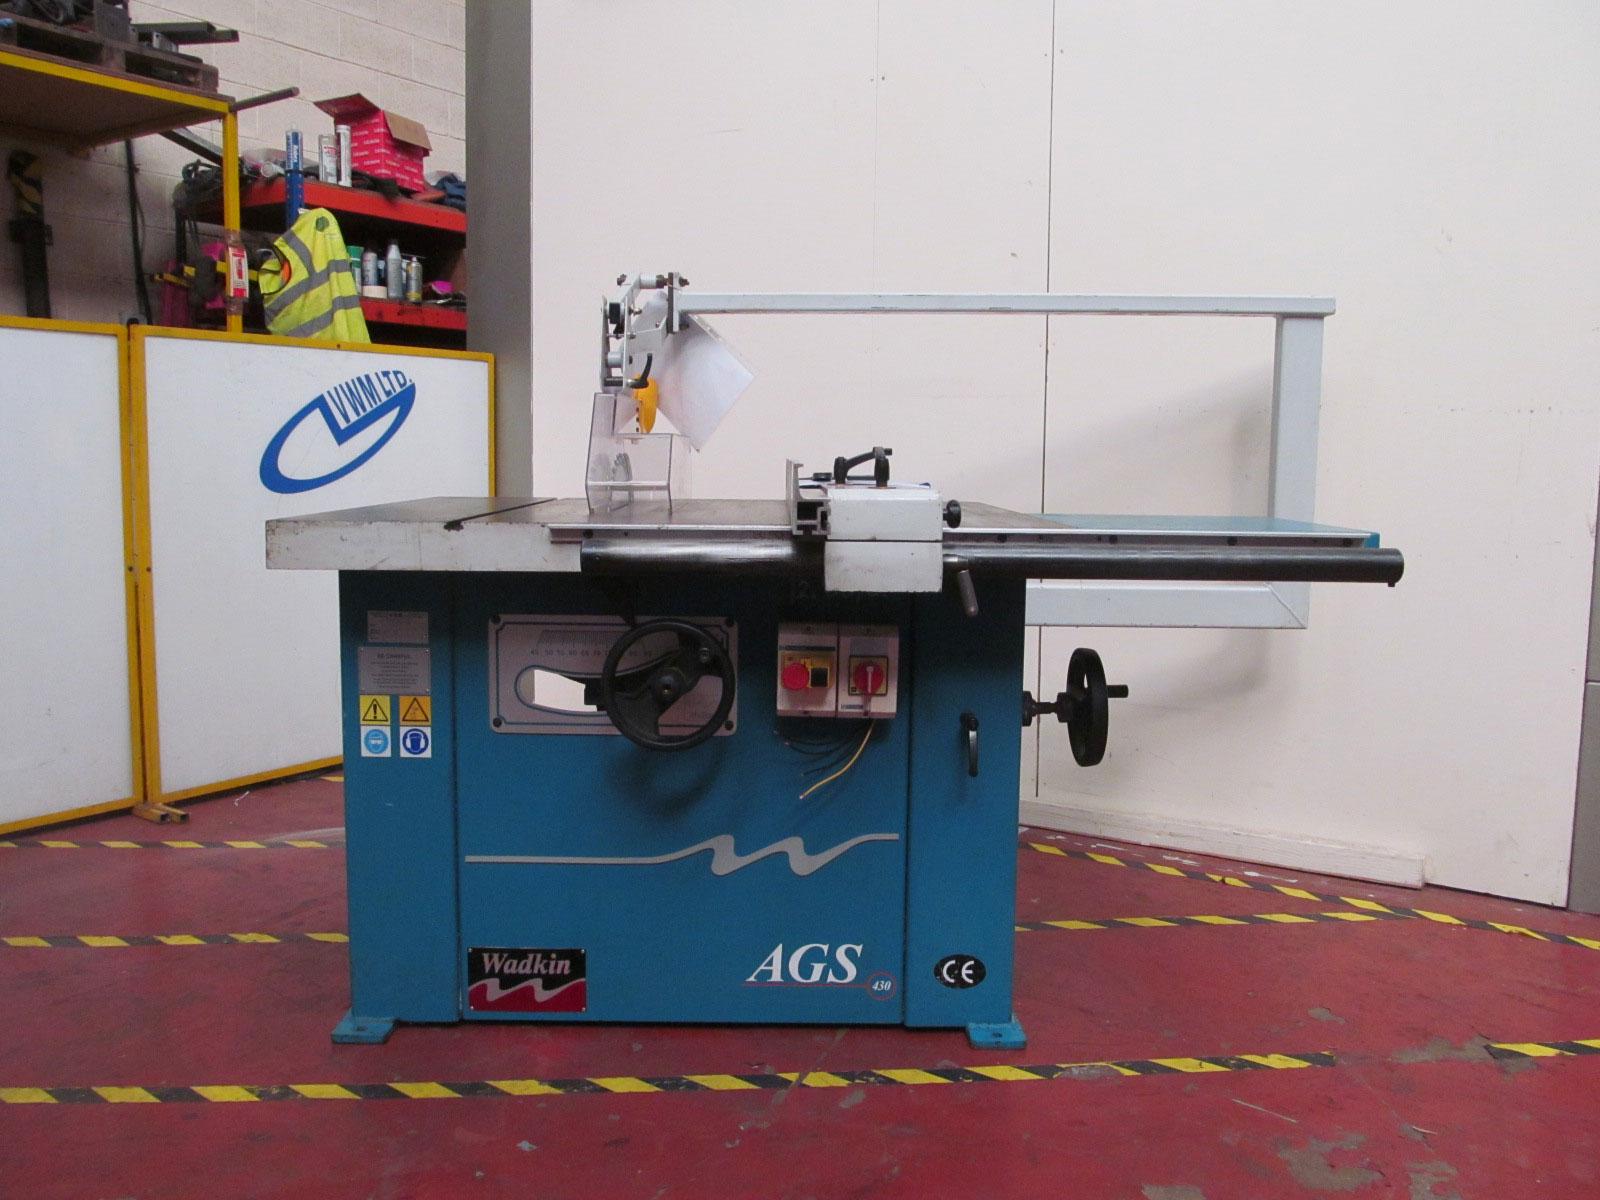 Wadkin AGS 430 Sawbench